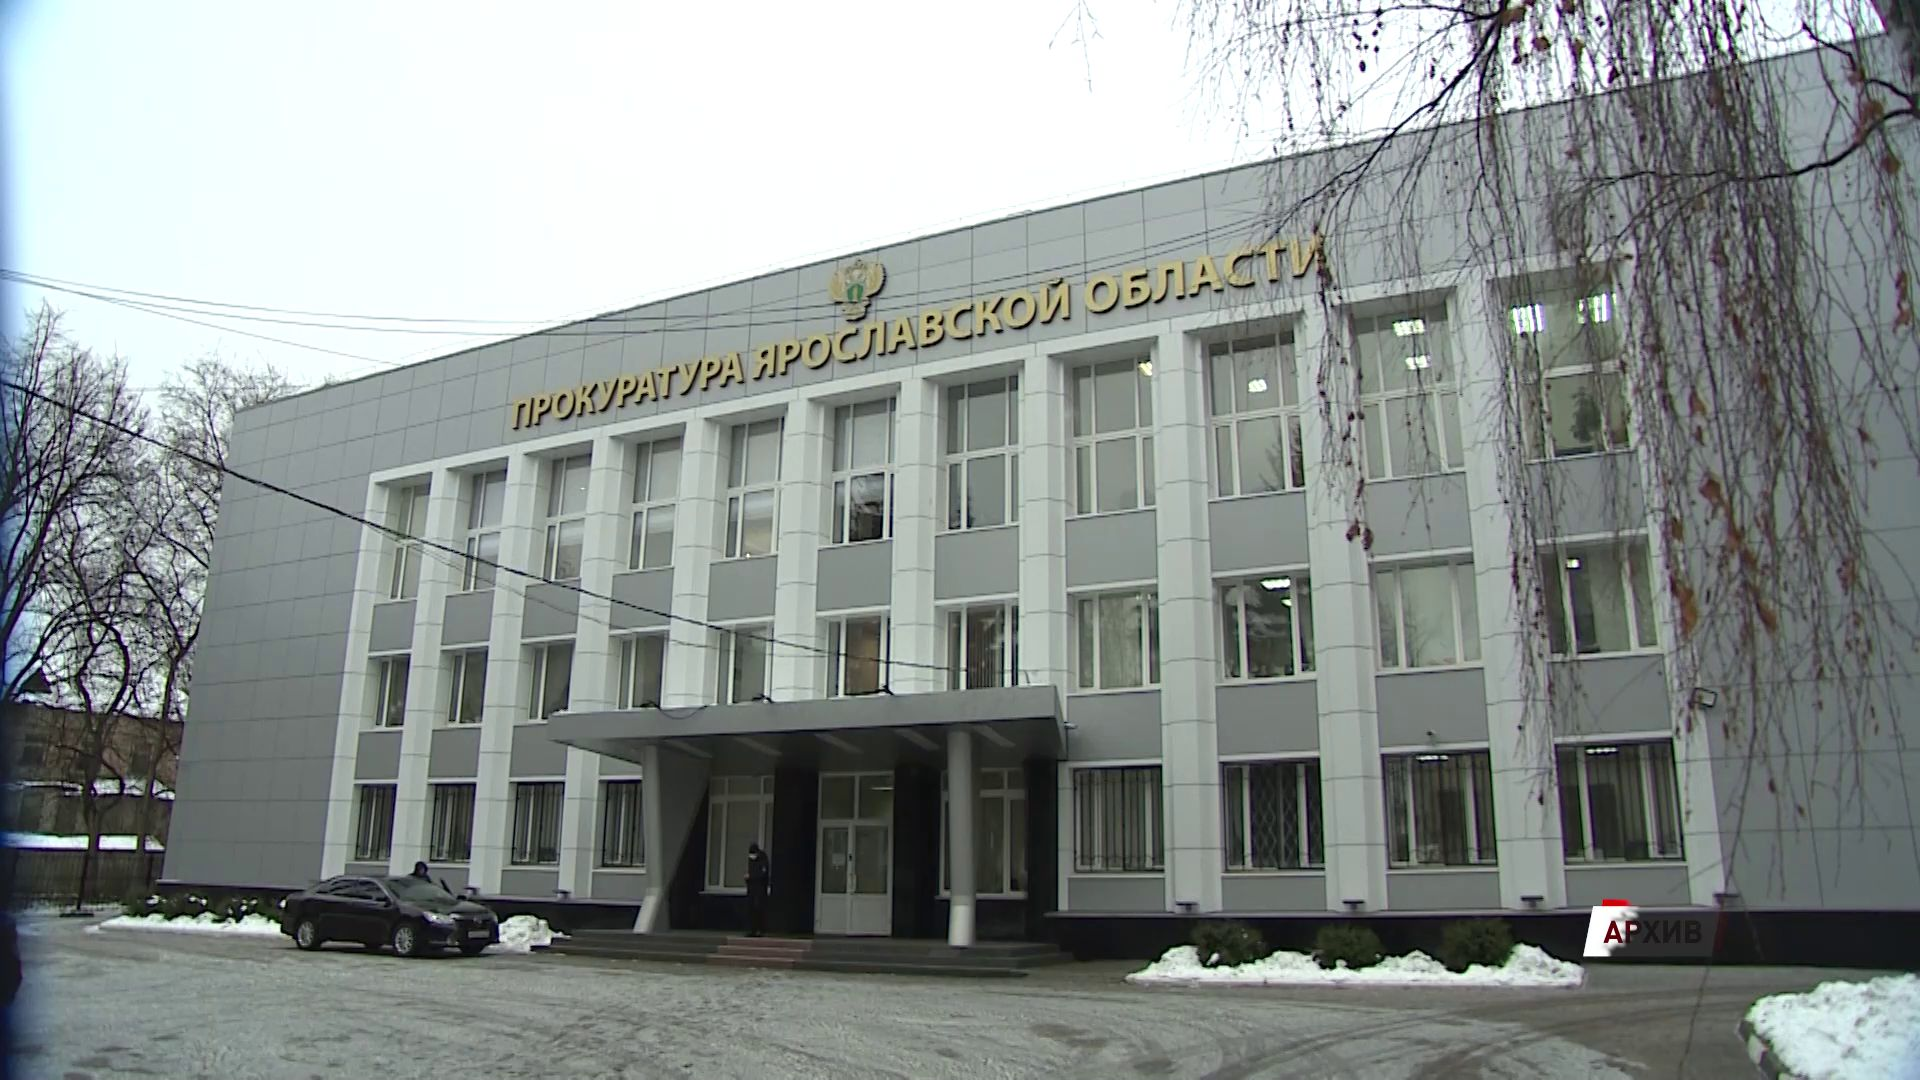 В прокуратуре подвели итоги работы по борьбе с коррупцией